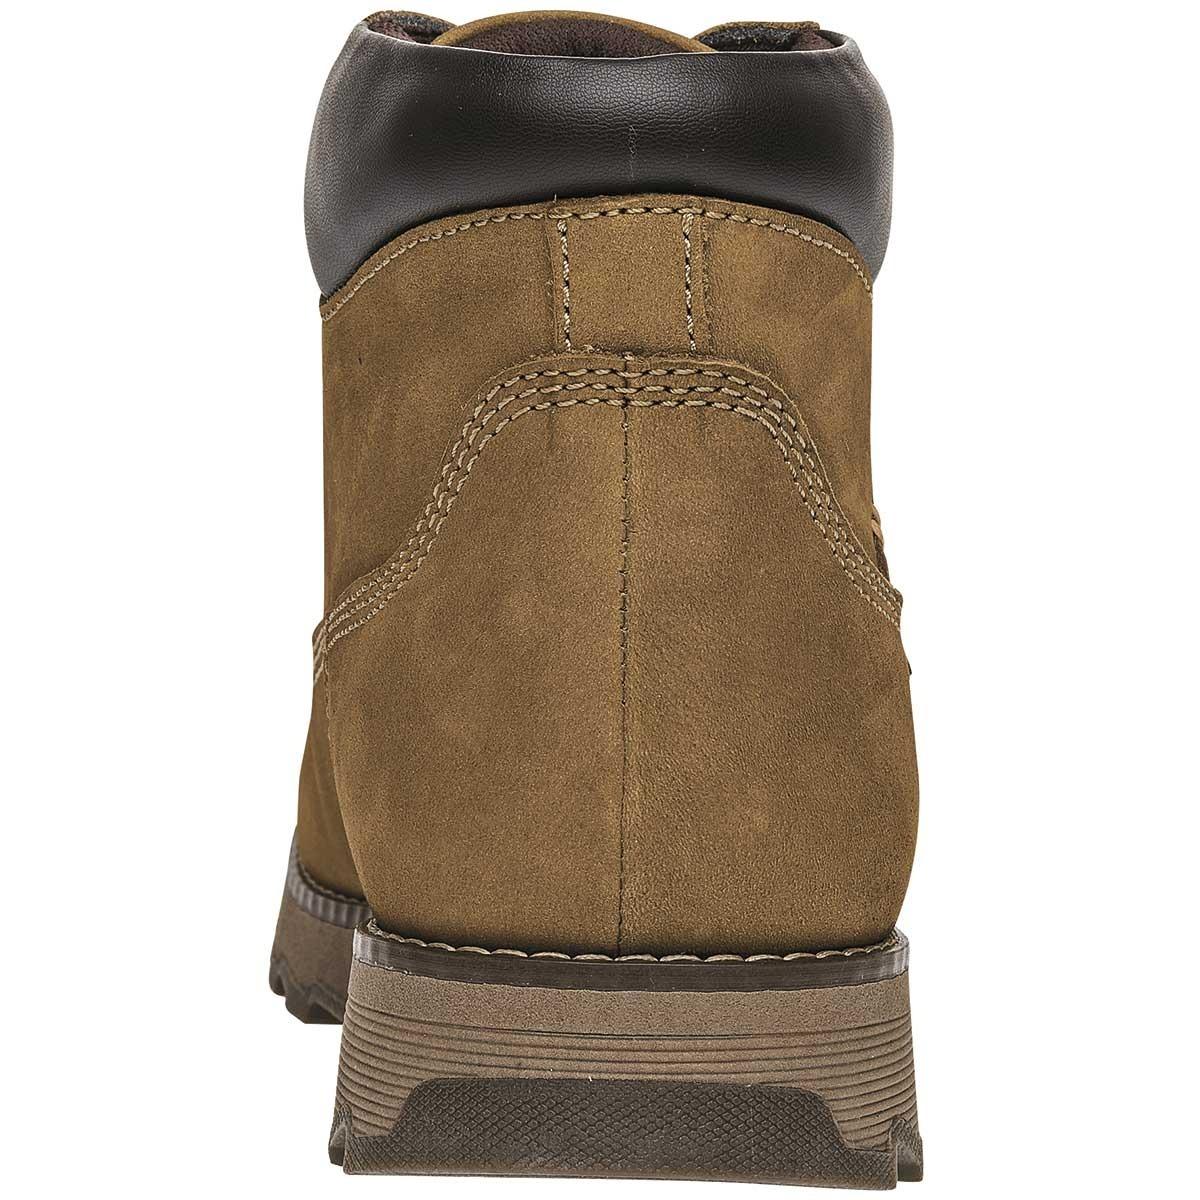 770d2d05eac Zapato Casual Hombre Dockers 56634   25-29 envio Gratis -   1